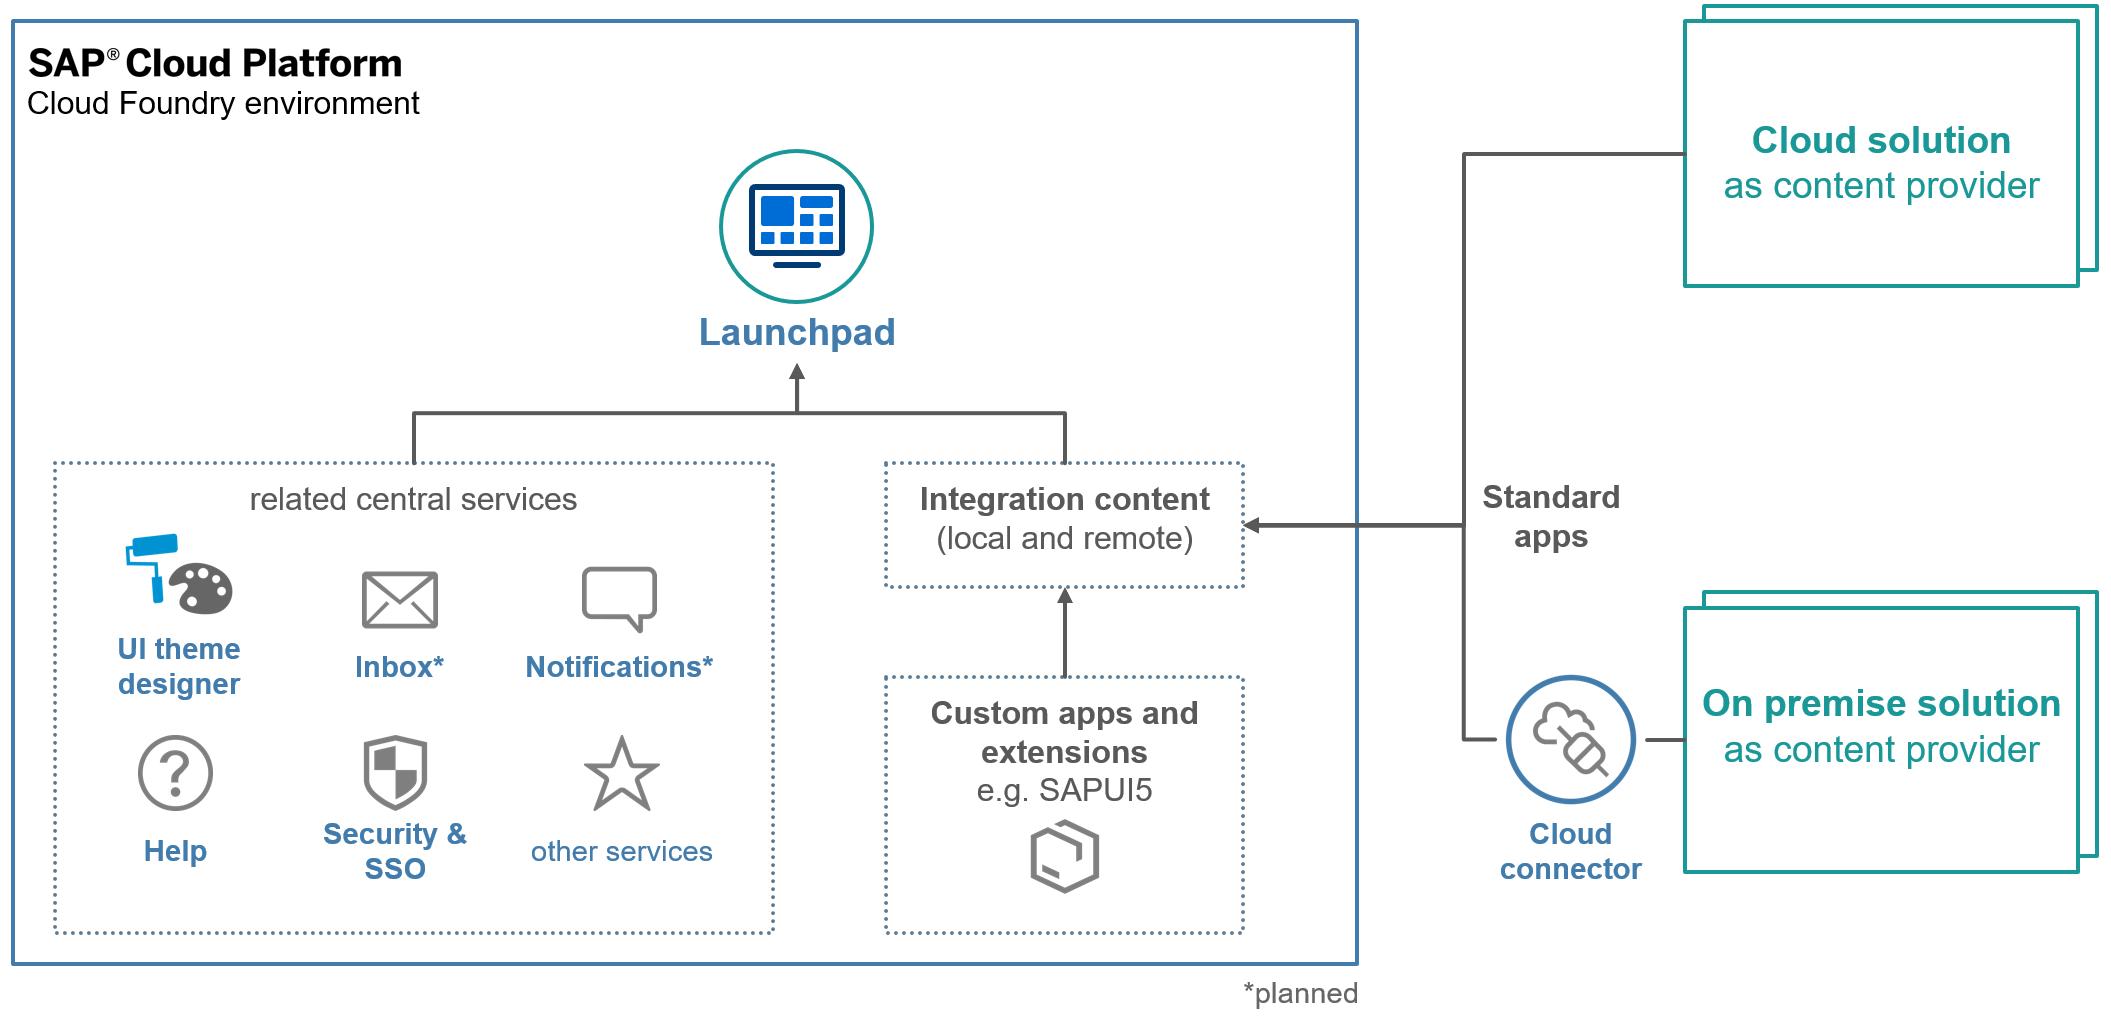 SAP%20Cloud%20Platform%20Launchpad%20-%20solution%20diagram